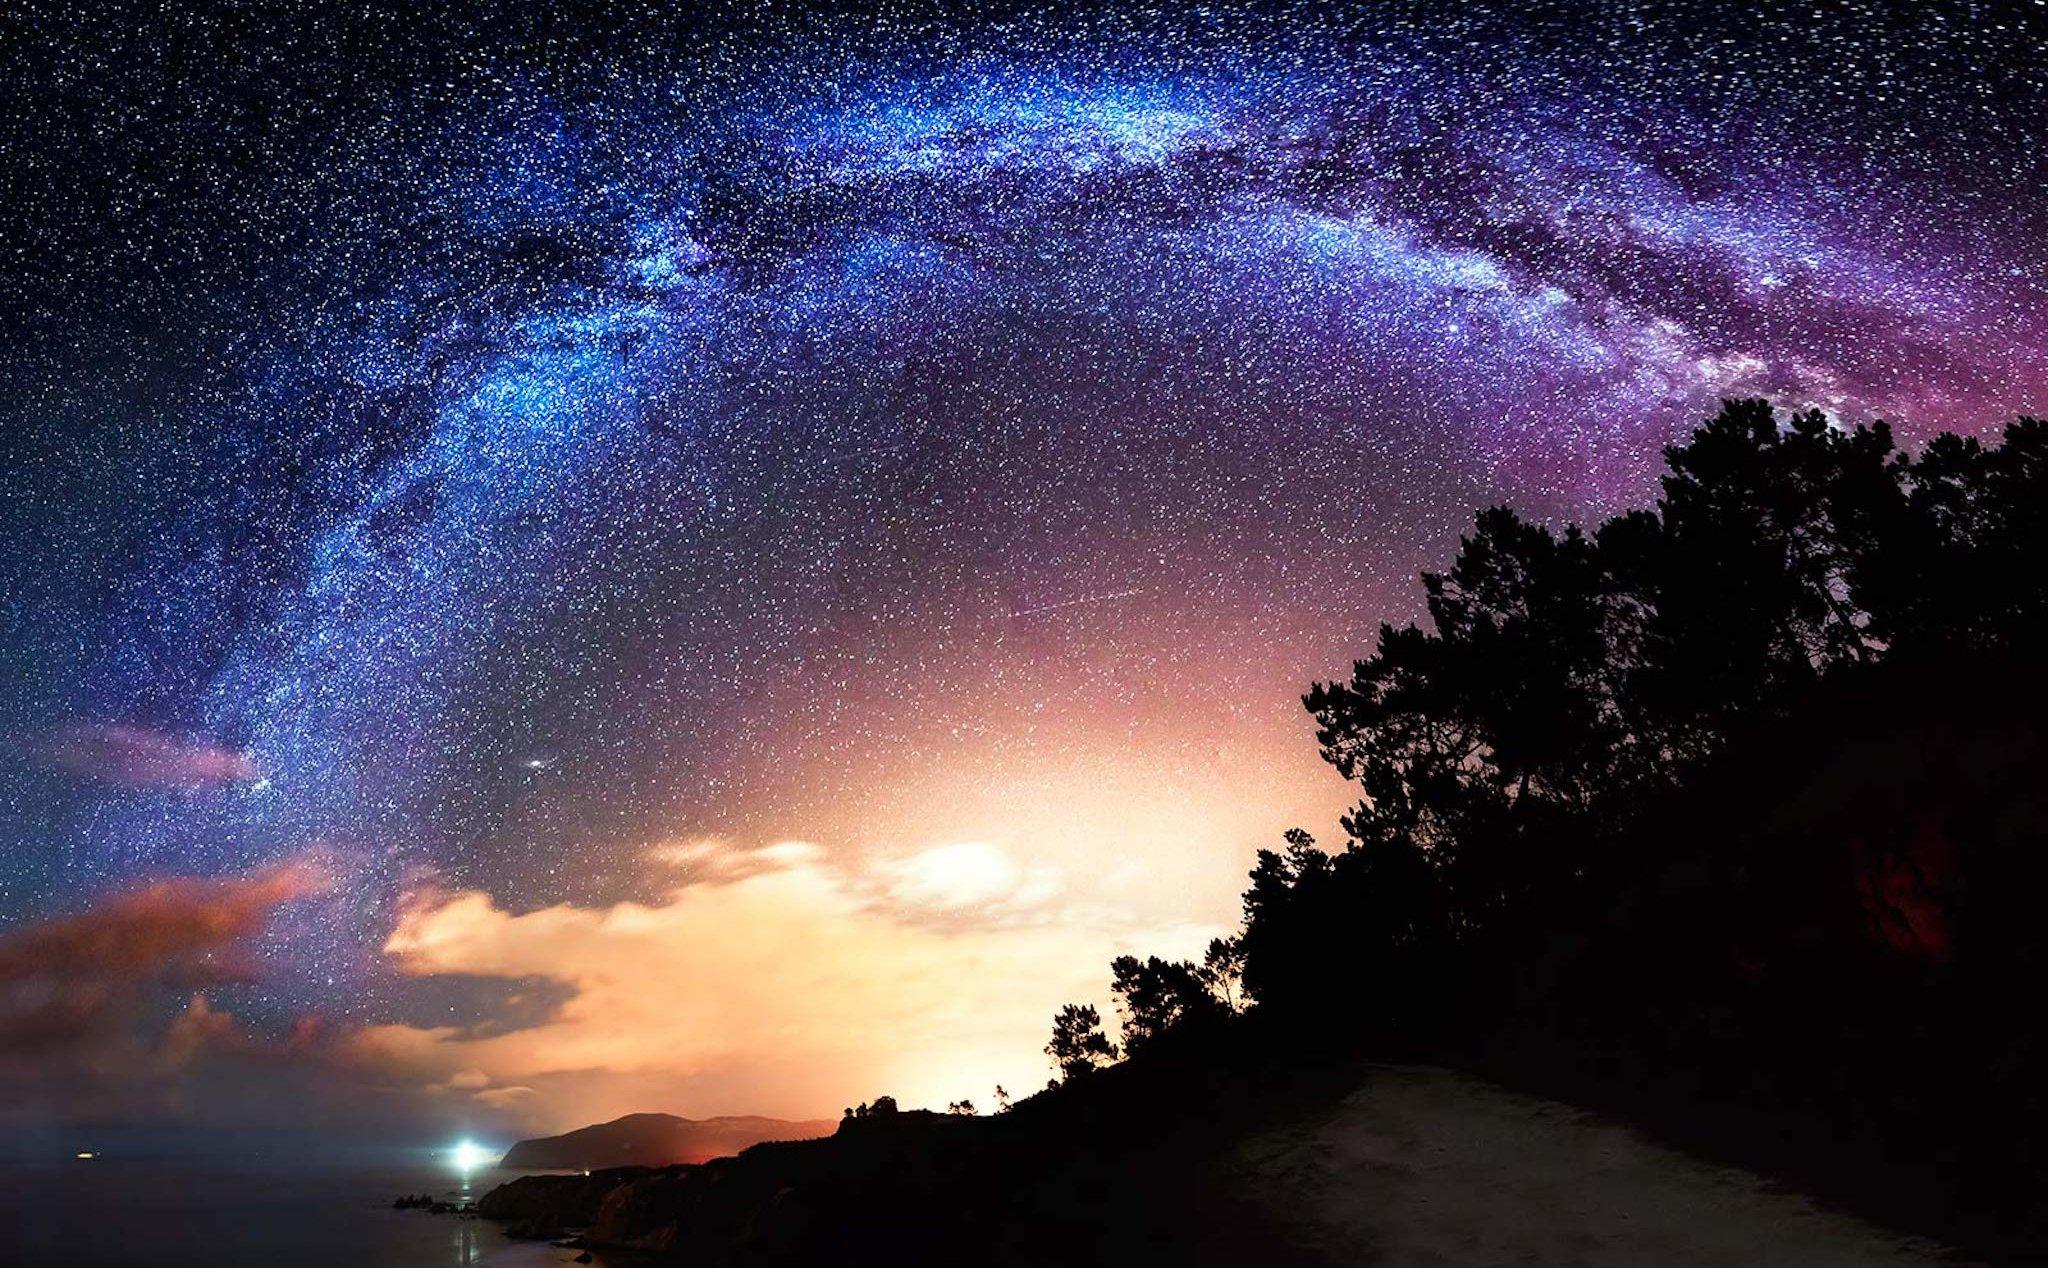 Ảnh bầu trời đêm lung linh huyền ảo nhất